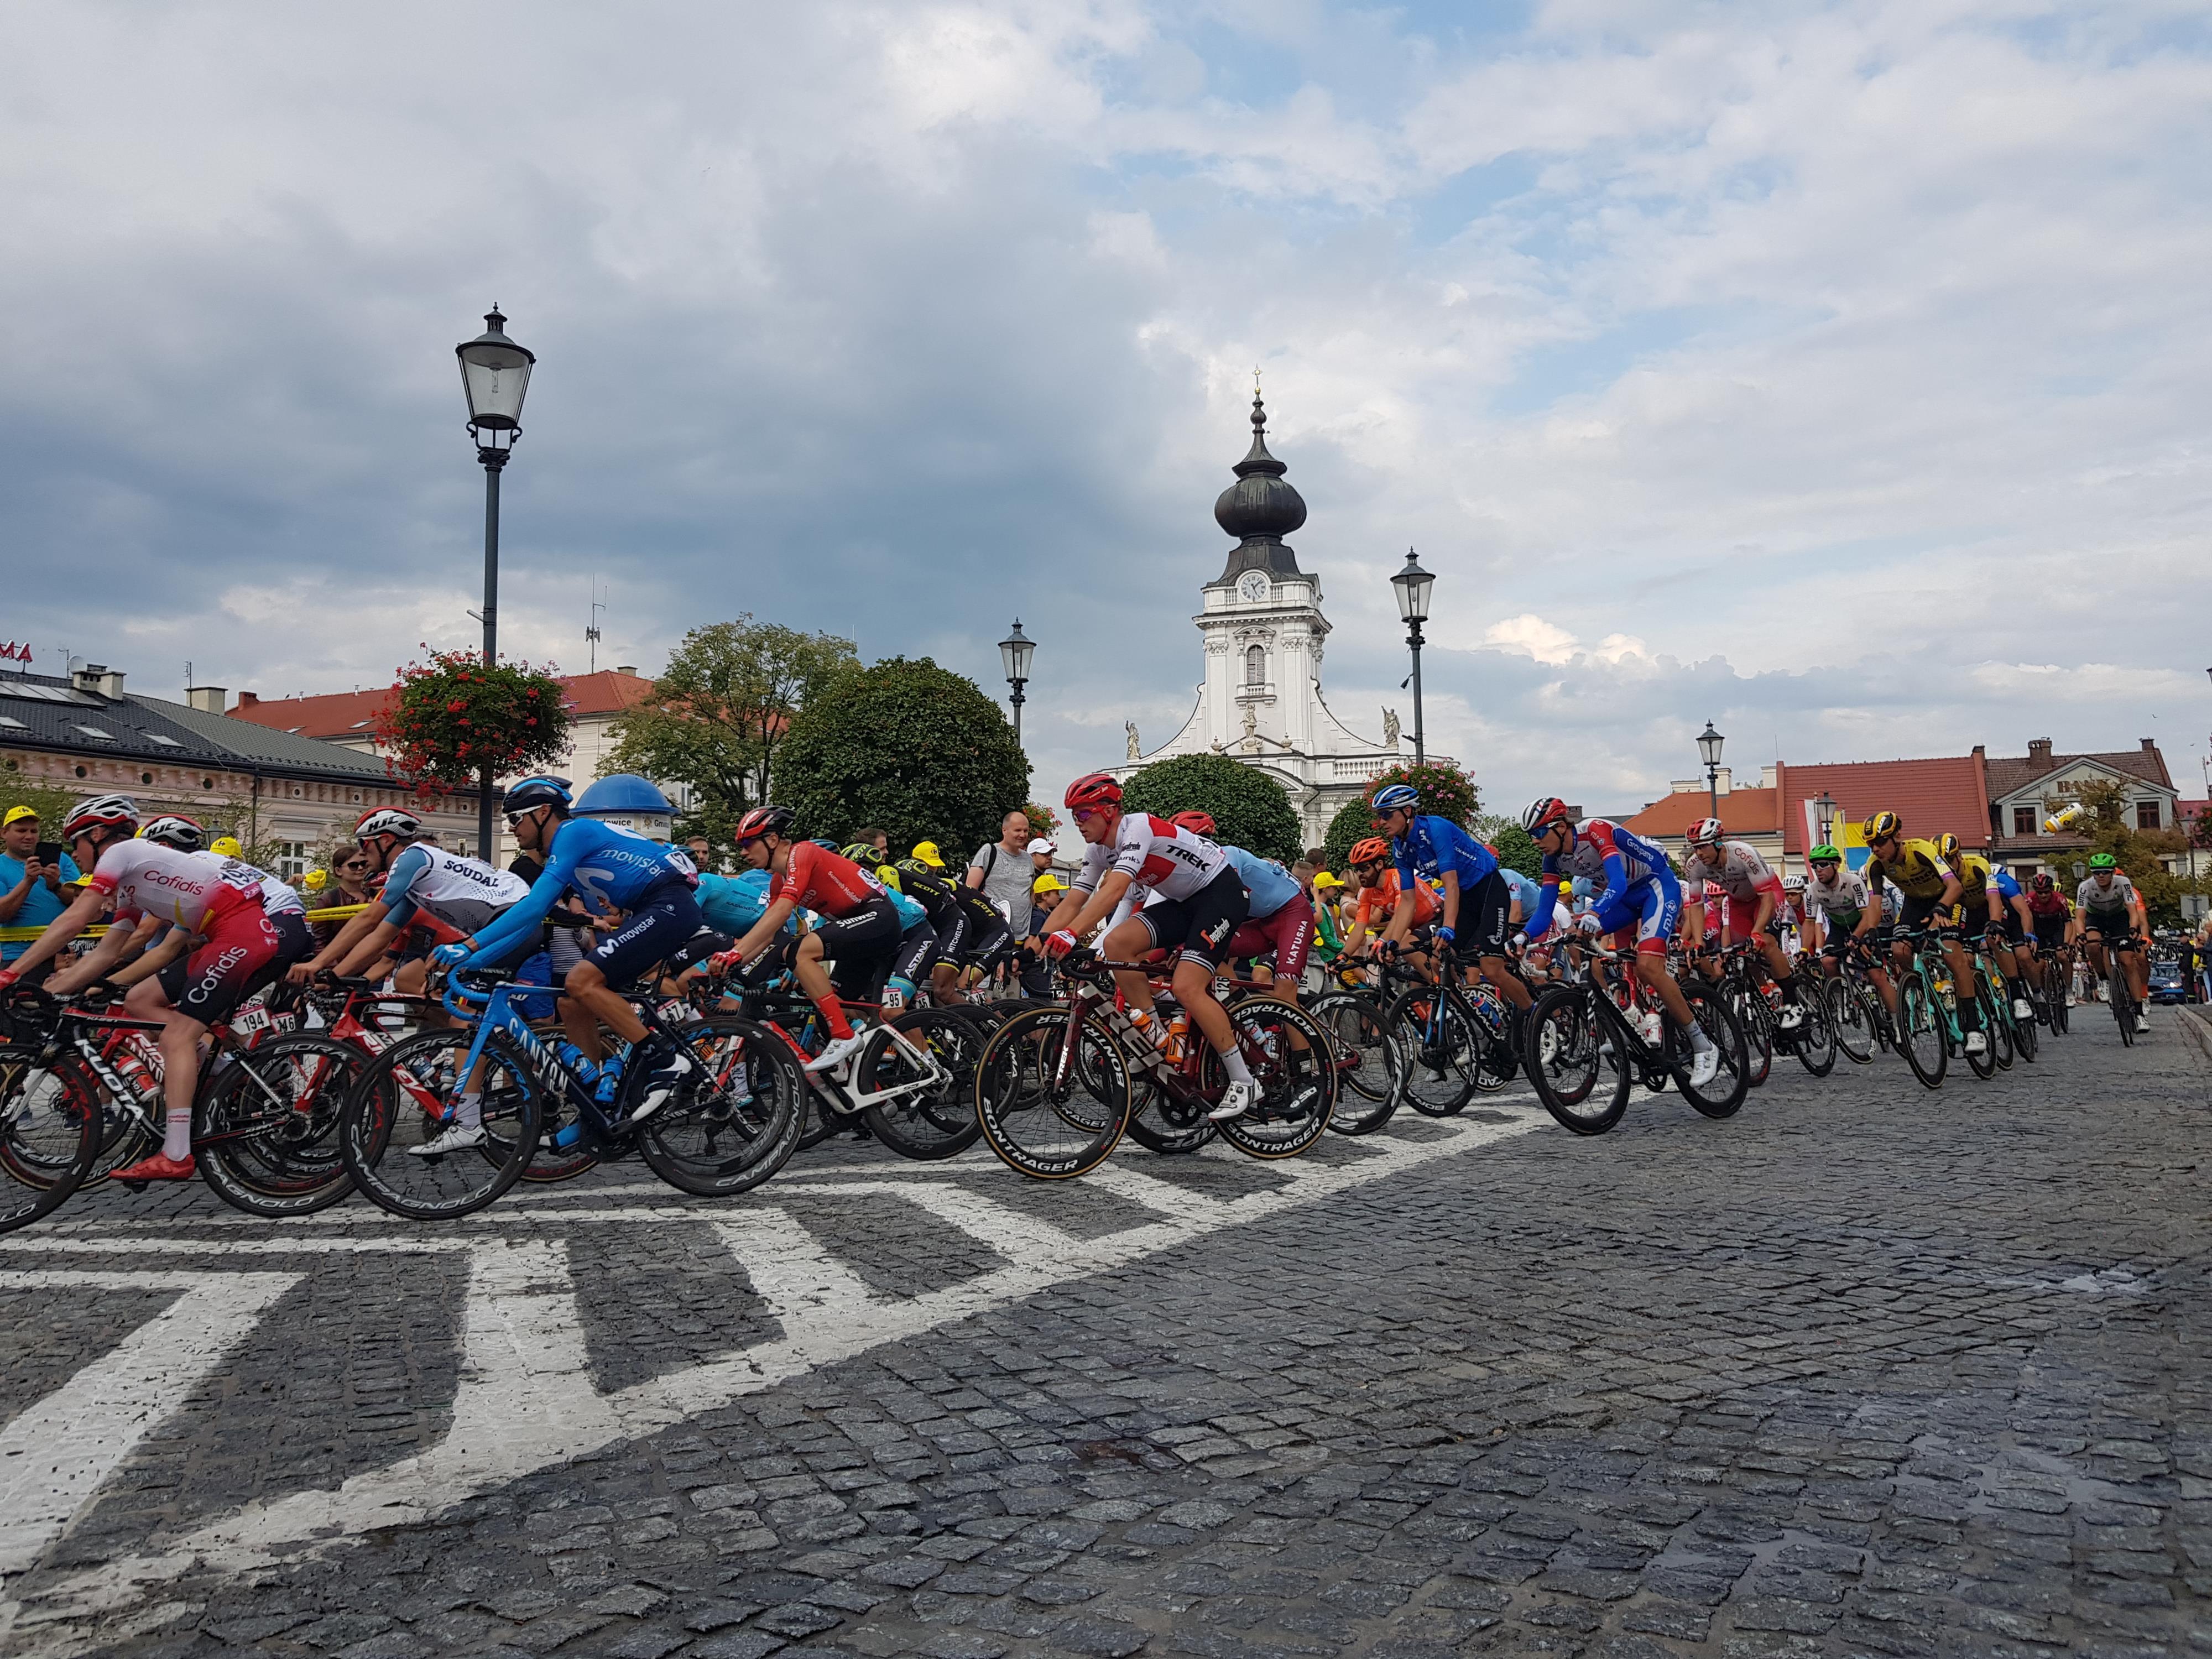 Kolarzy Tour de Pologne w Wadowicach witali mieszkańcy [FOTO]